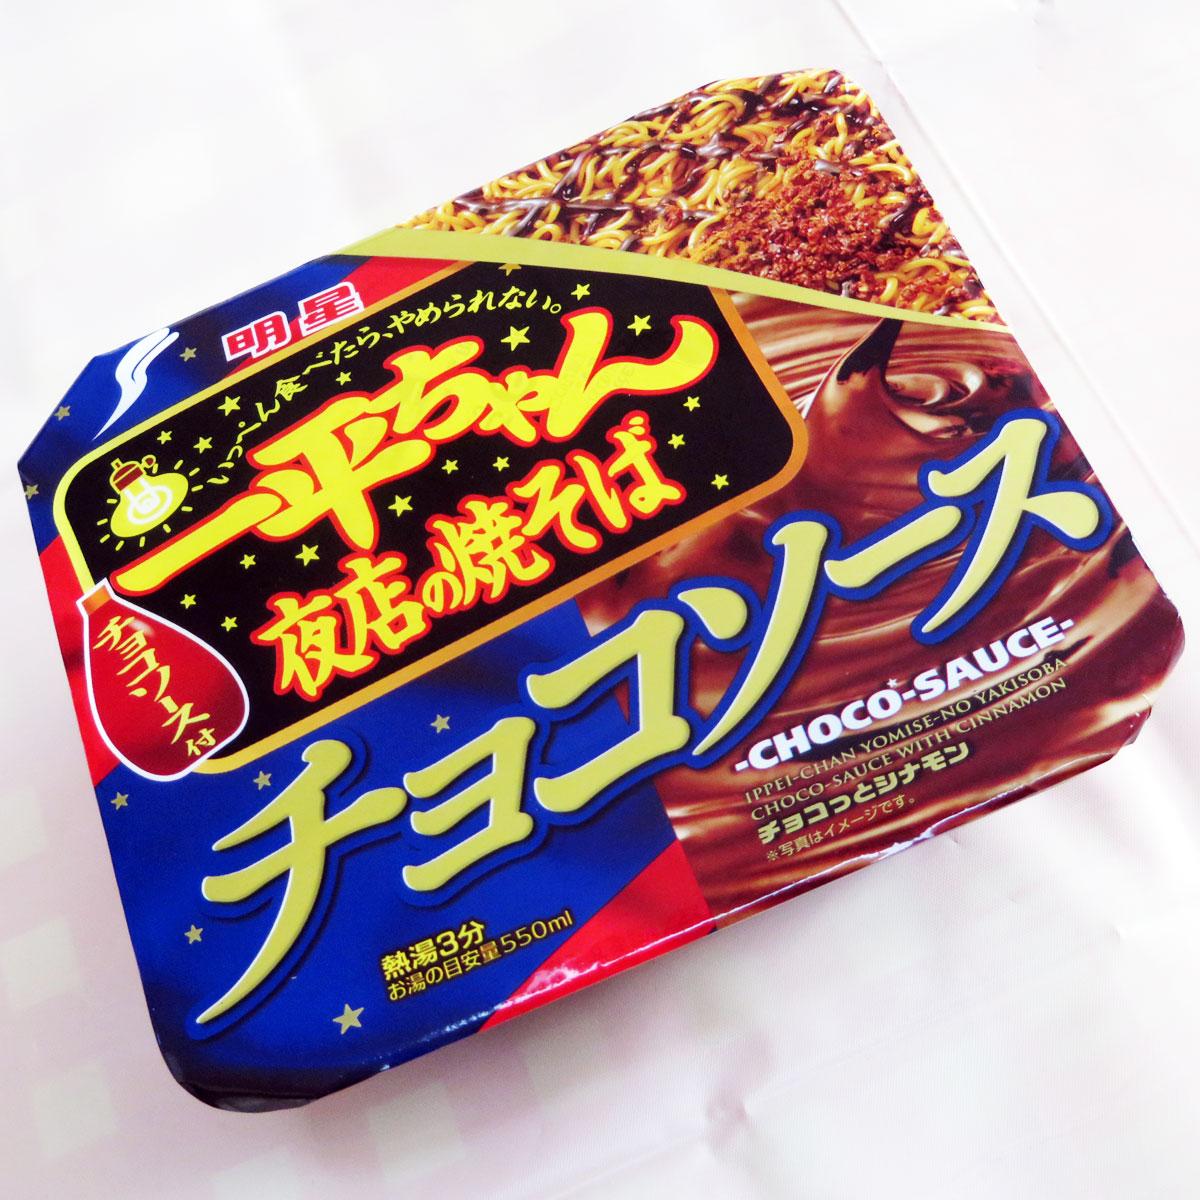 明星一平ちゃん夜店の焼そばチョコソース